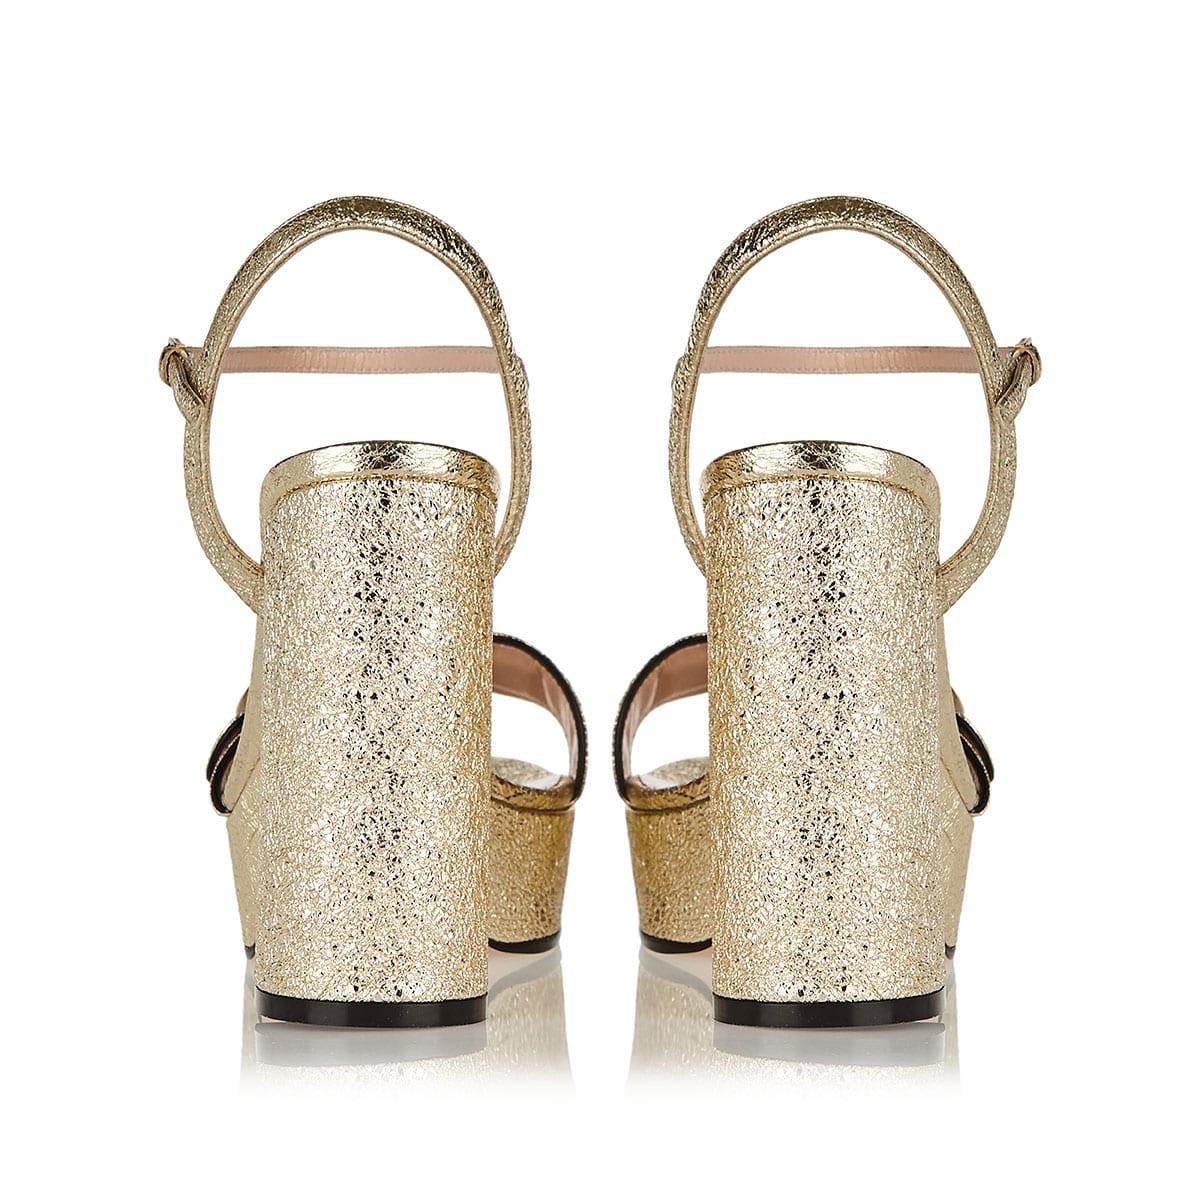 Double G metallic platform sandals